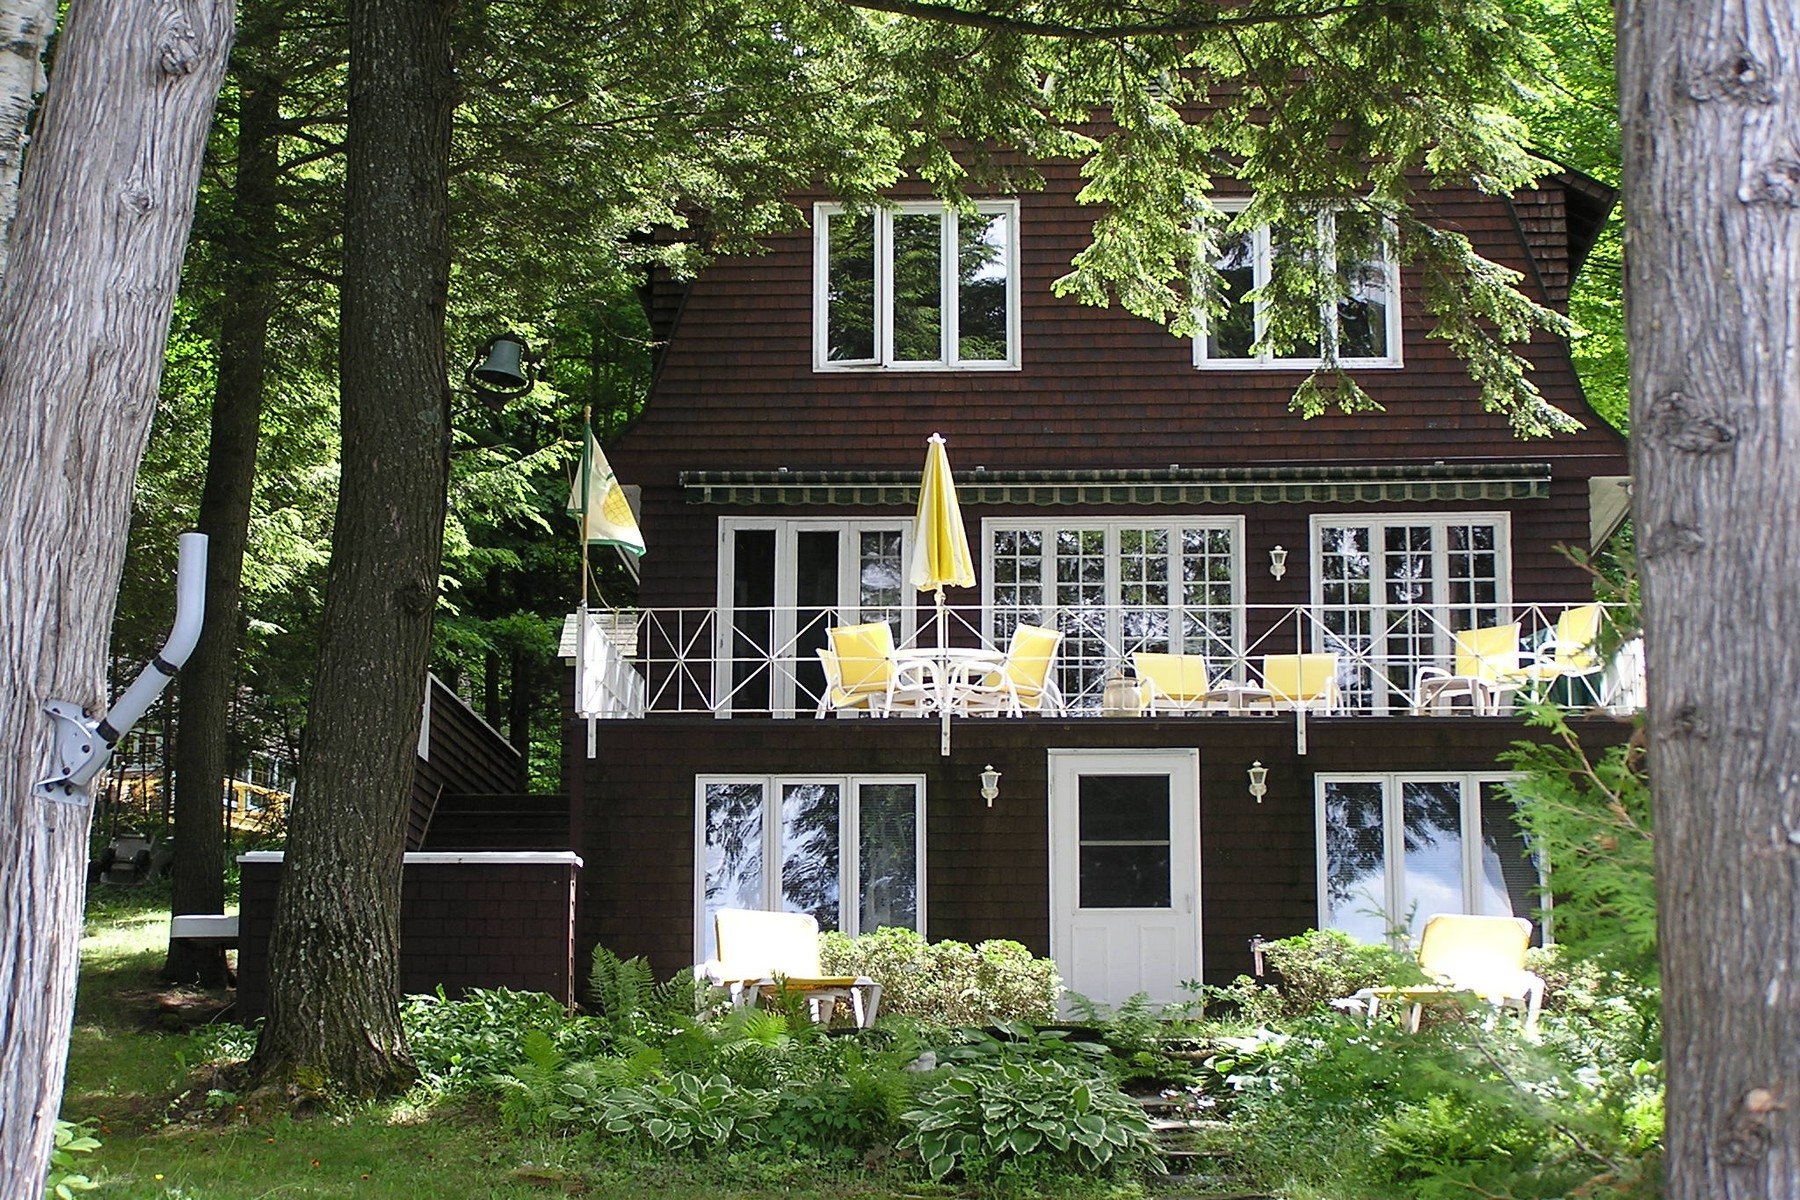 Casa Unifamiliar por un Venta en 66 Winnemere Lane, Greensboro 66 Winnemere Ln Greensboro, Vermont 05841 Estados Unidos